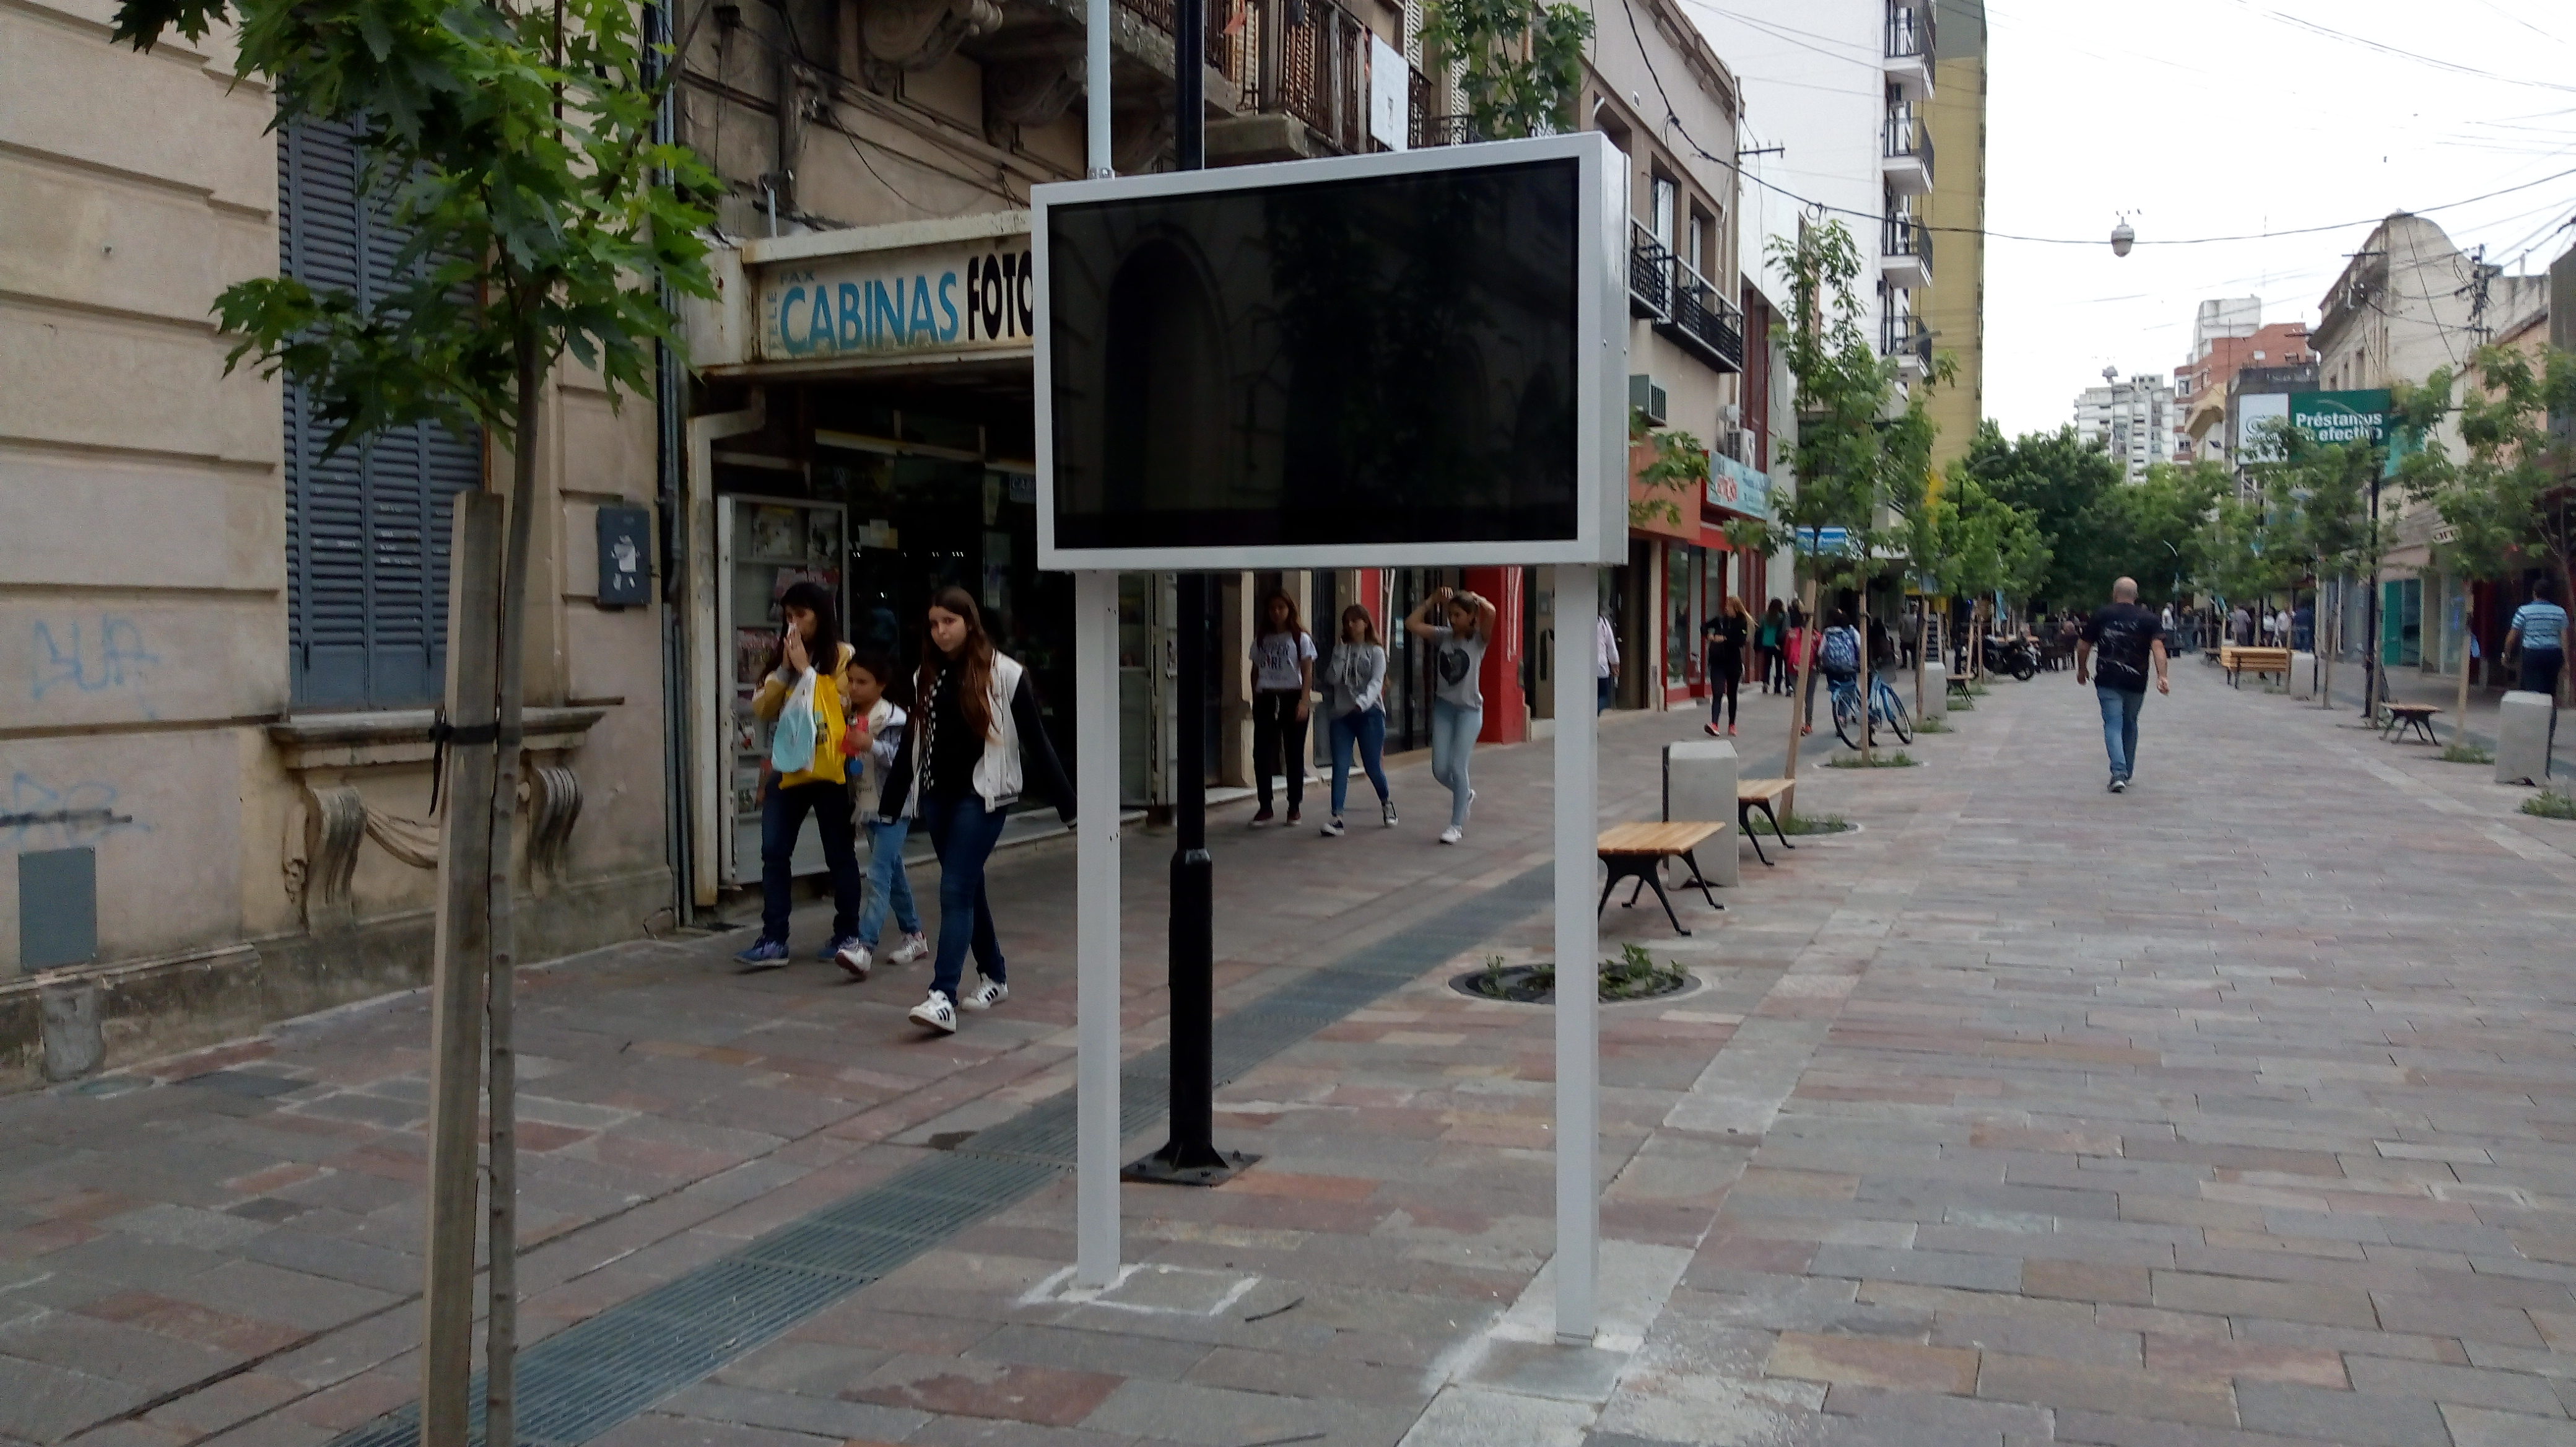 Comenzaron a funcionar las pantallas colocadas en la peatonal y las imágenes encendieron la polémica, hasta el momento se ven eventos que ocurrieron hacen meses. Para la oposición son pantallas para la campaña.